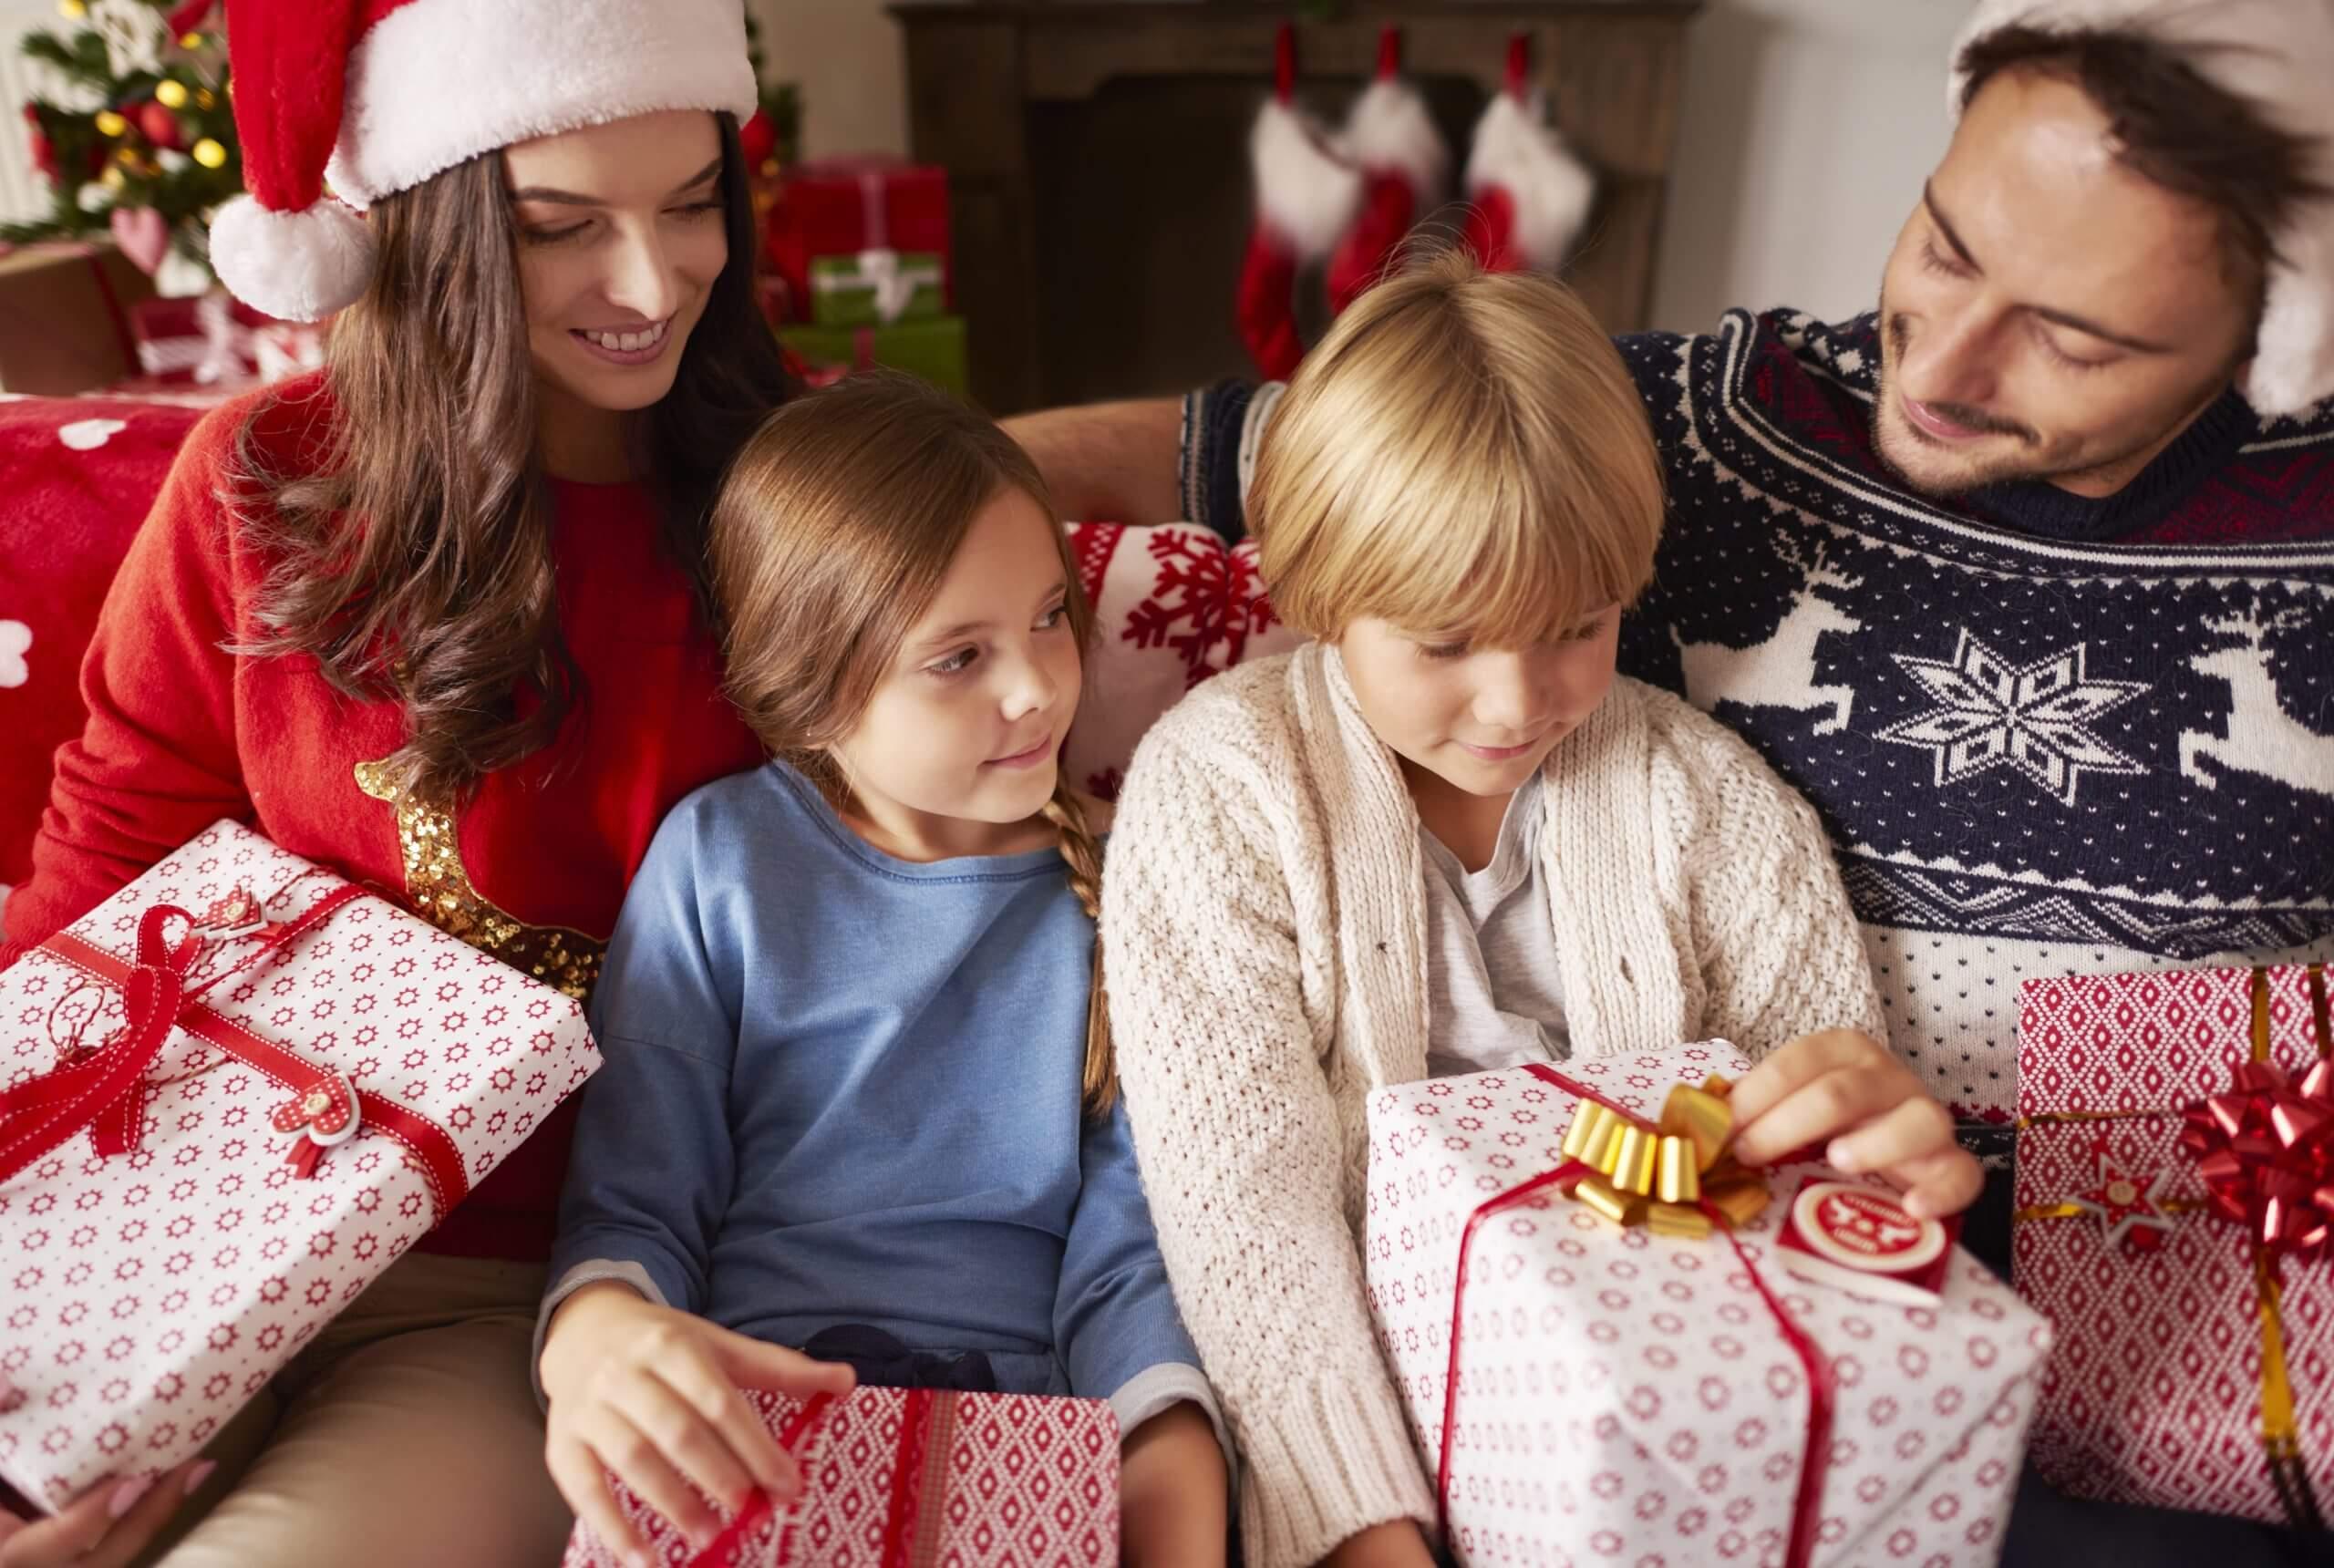 sesiones de fotos familiares navidad